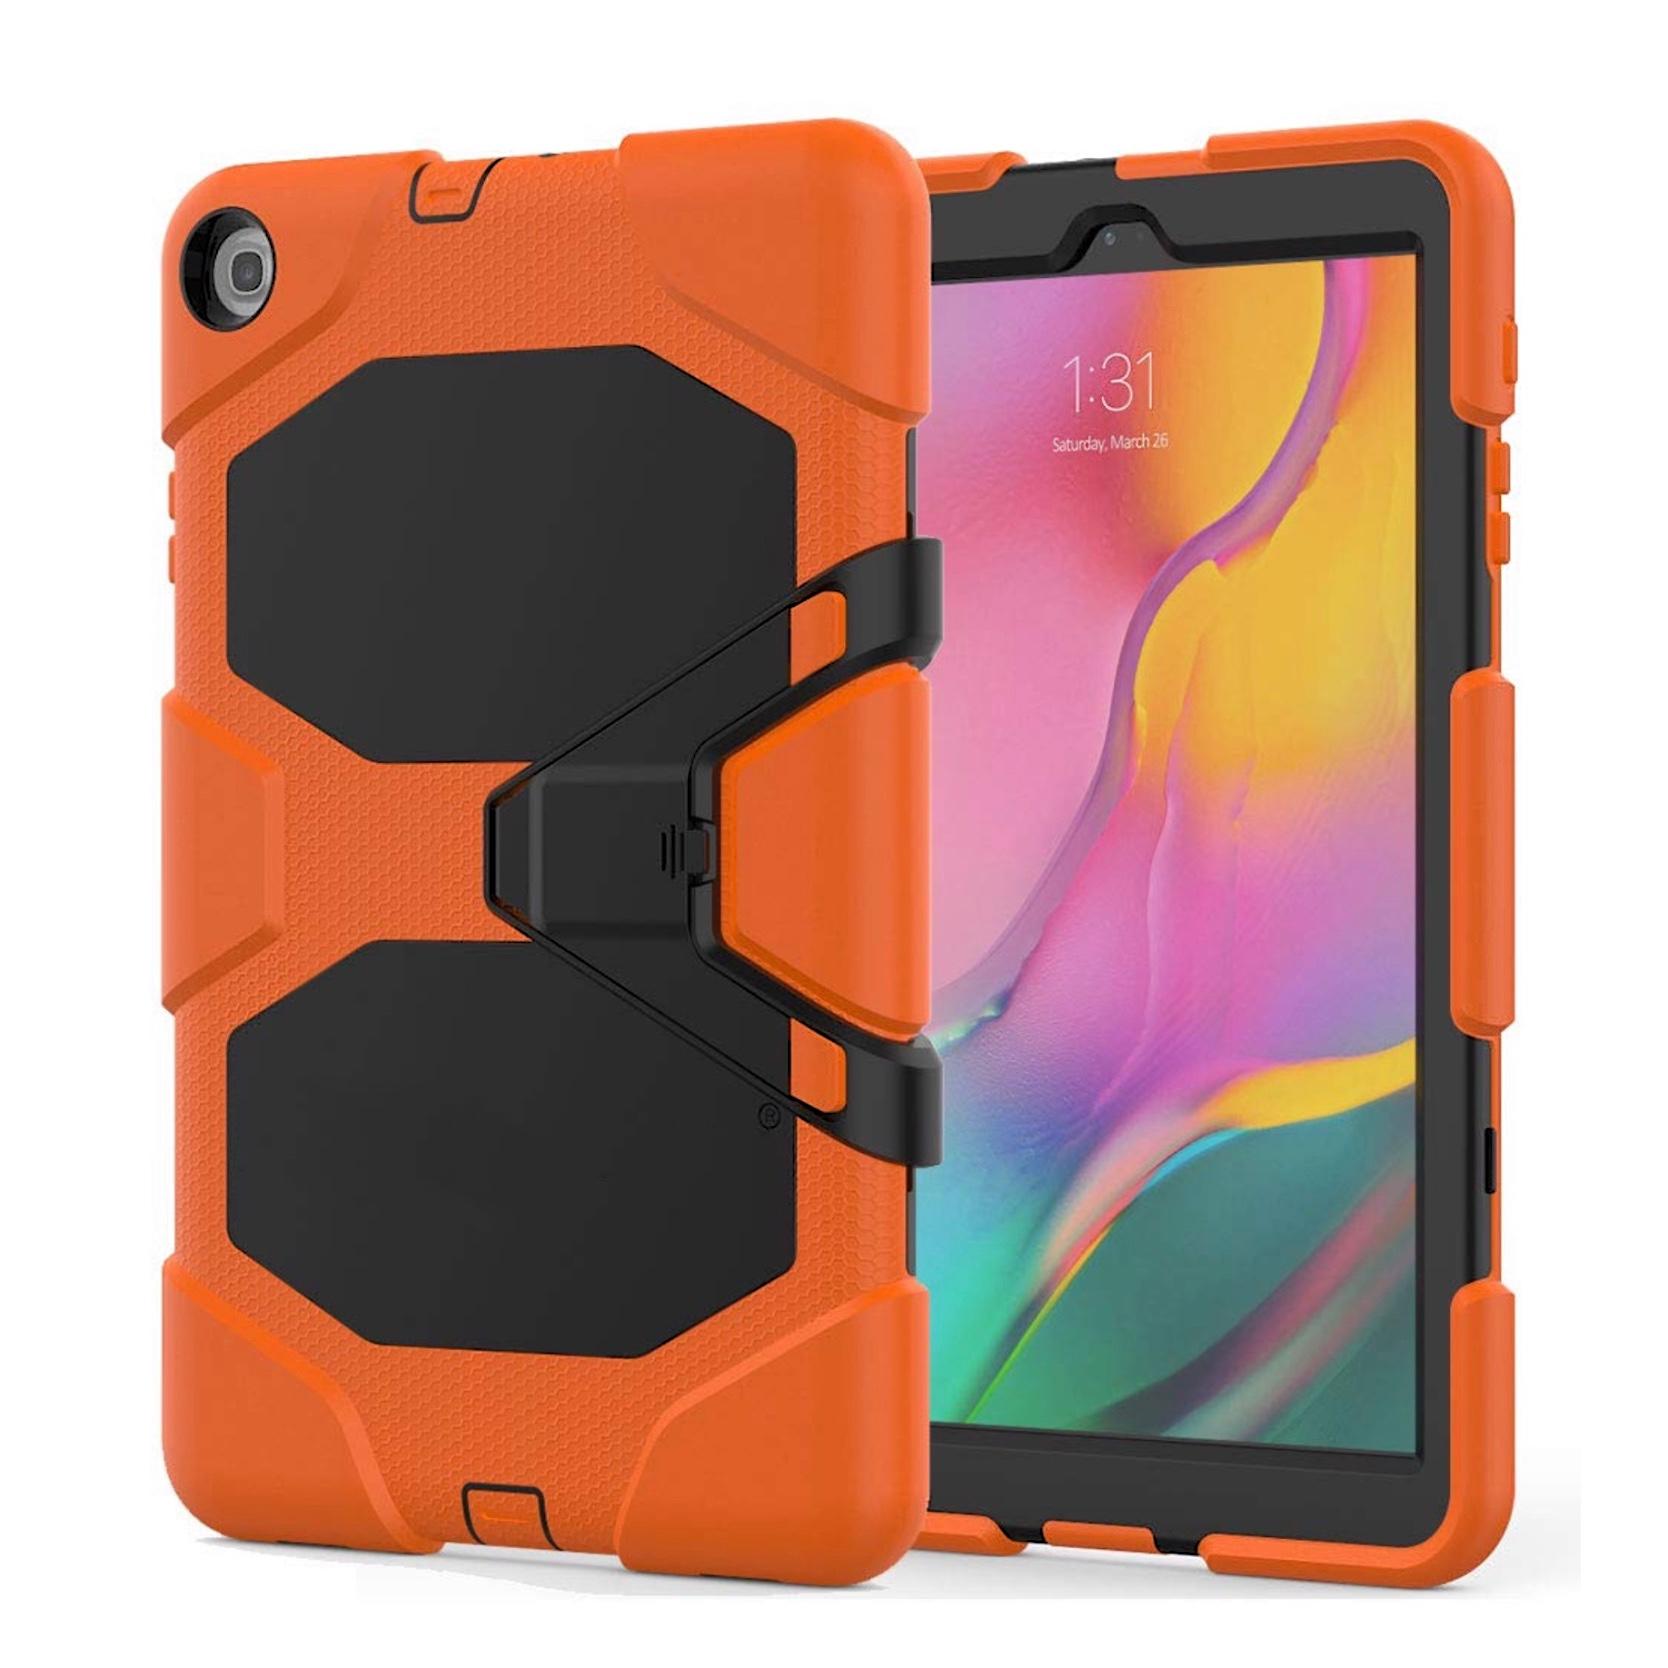 Pack 2 en 1 Galaxy TAB A 2019 10.1 pouces Coque renforcee Vegas Orange et Verre de protection ecran